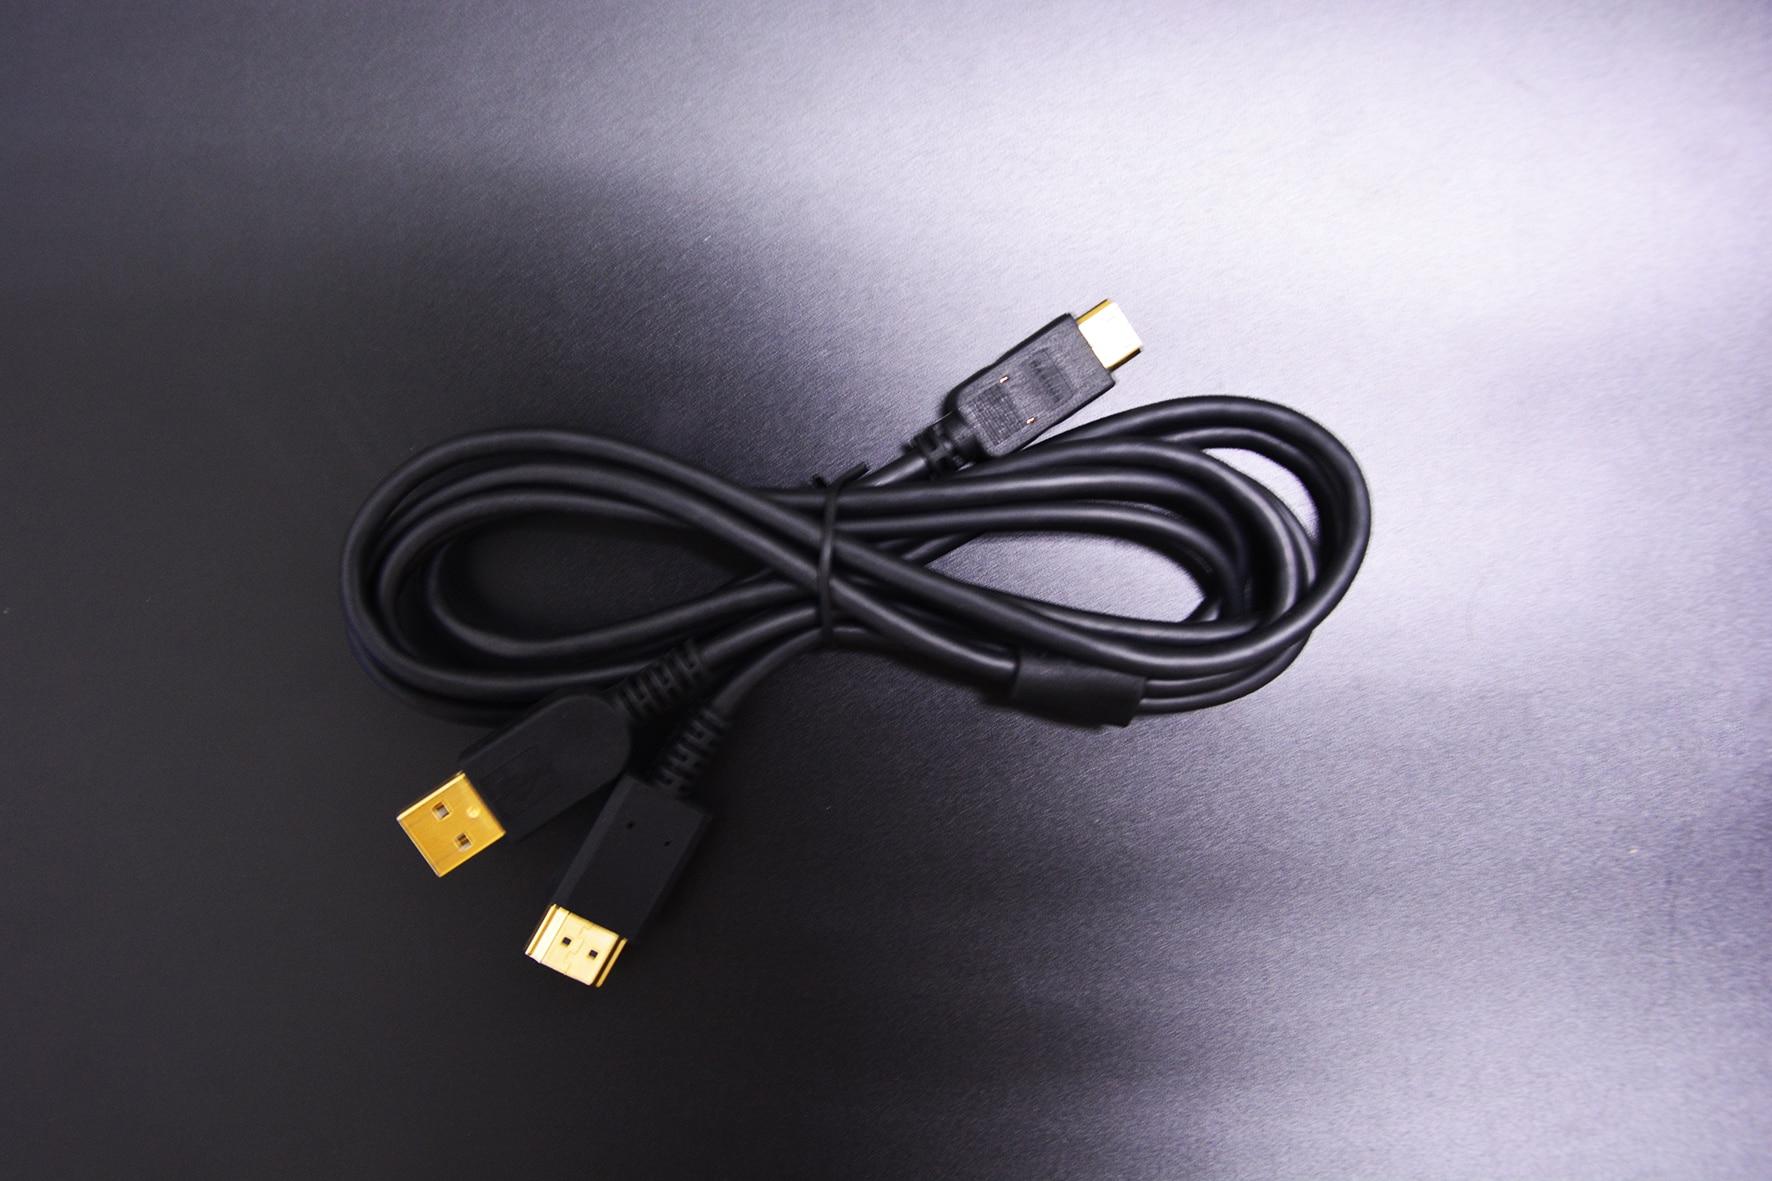 Y Тип Mini HDMI к HDMI и USB кабель для передачи данных источник питания специально для Paperlike Eink дисплей